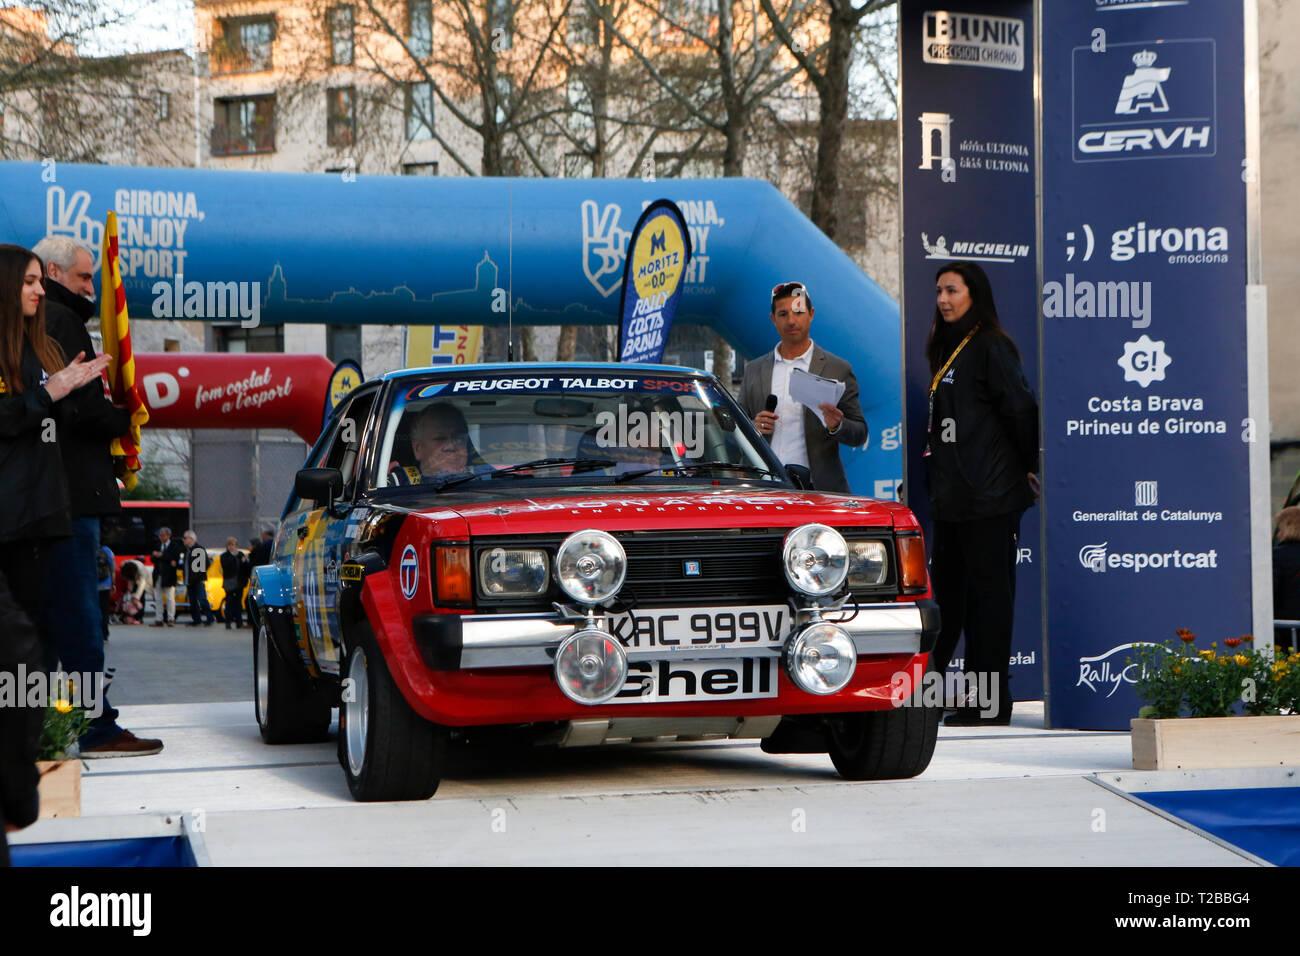 Début de la 67ème édition de Moritz Historic Rally Costa Brava Girona, Espagne le 15.03.2019 Banque D'Images